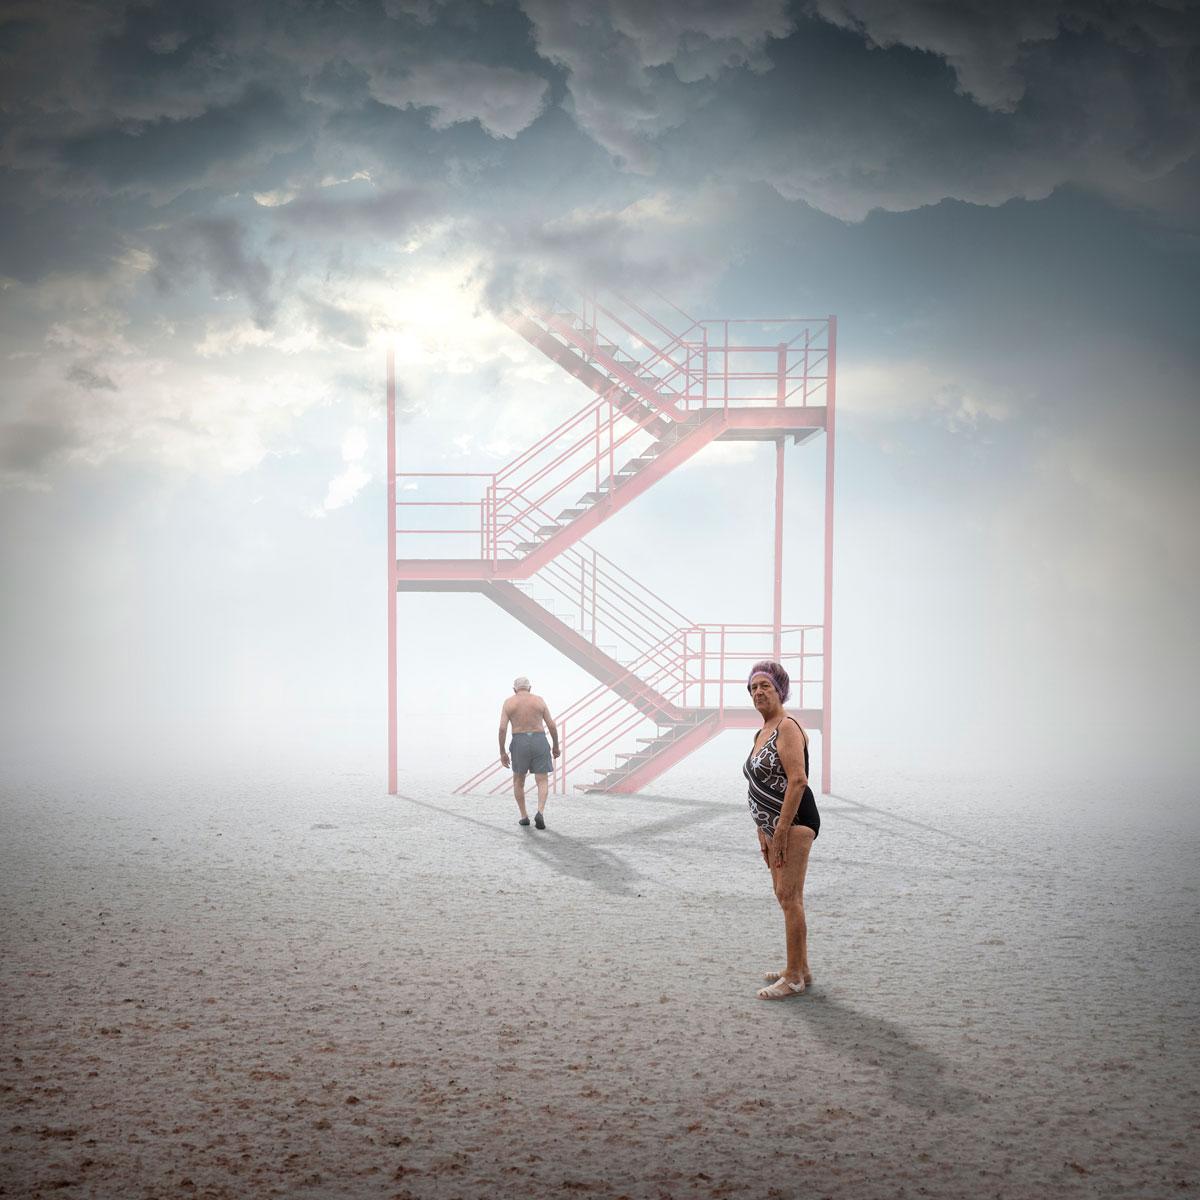 foto van oudere man en vrouw in badkleding op een zandvlakte bij futurische tyrap naar de hemel